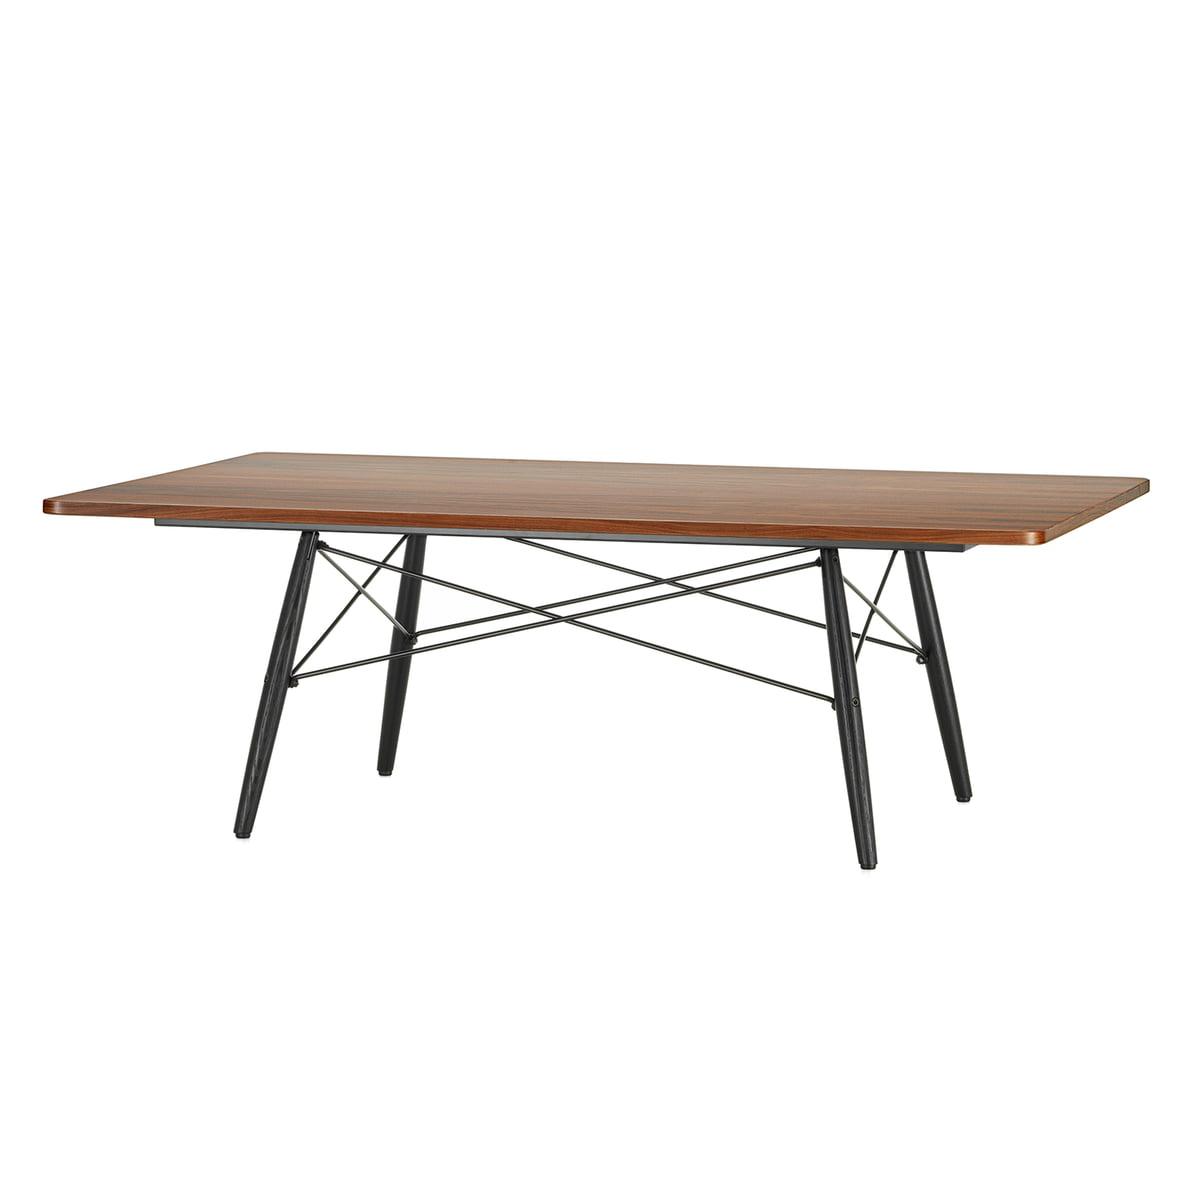 Vitra Eames Coffee Table Santos Palisander Ash Black 114 X 76 Cm